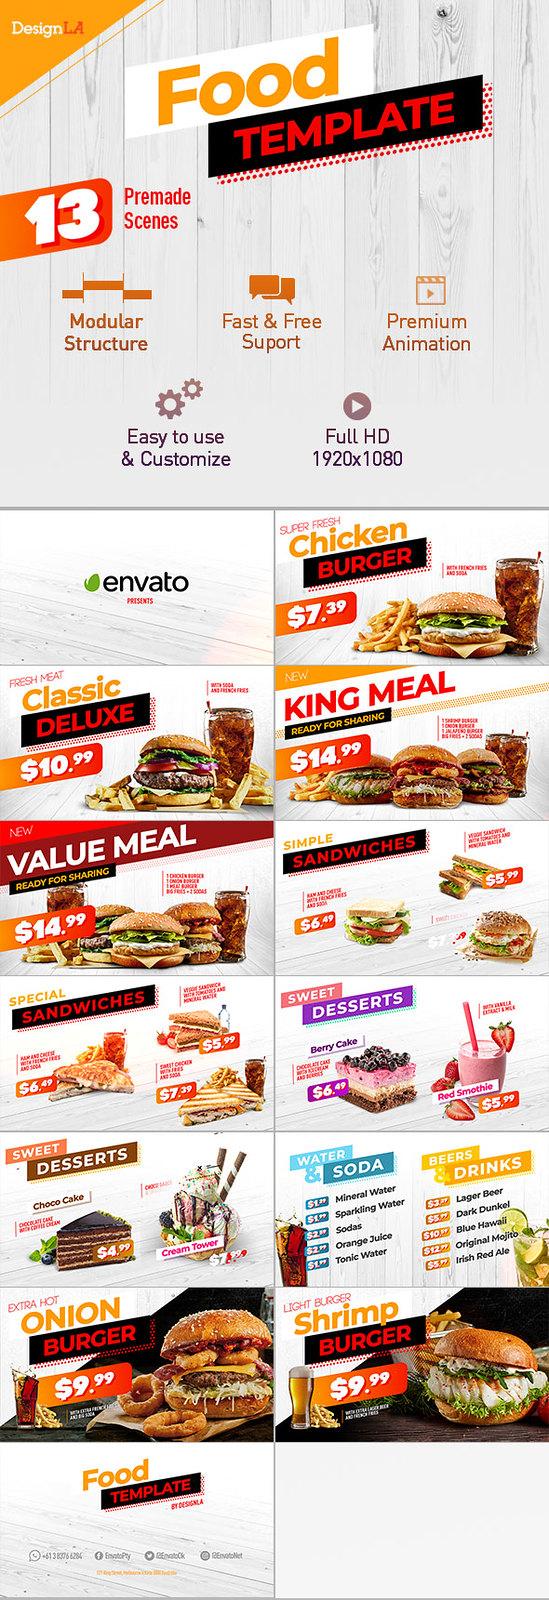 Food Menu Restaurant Promotion V2 - 1